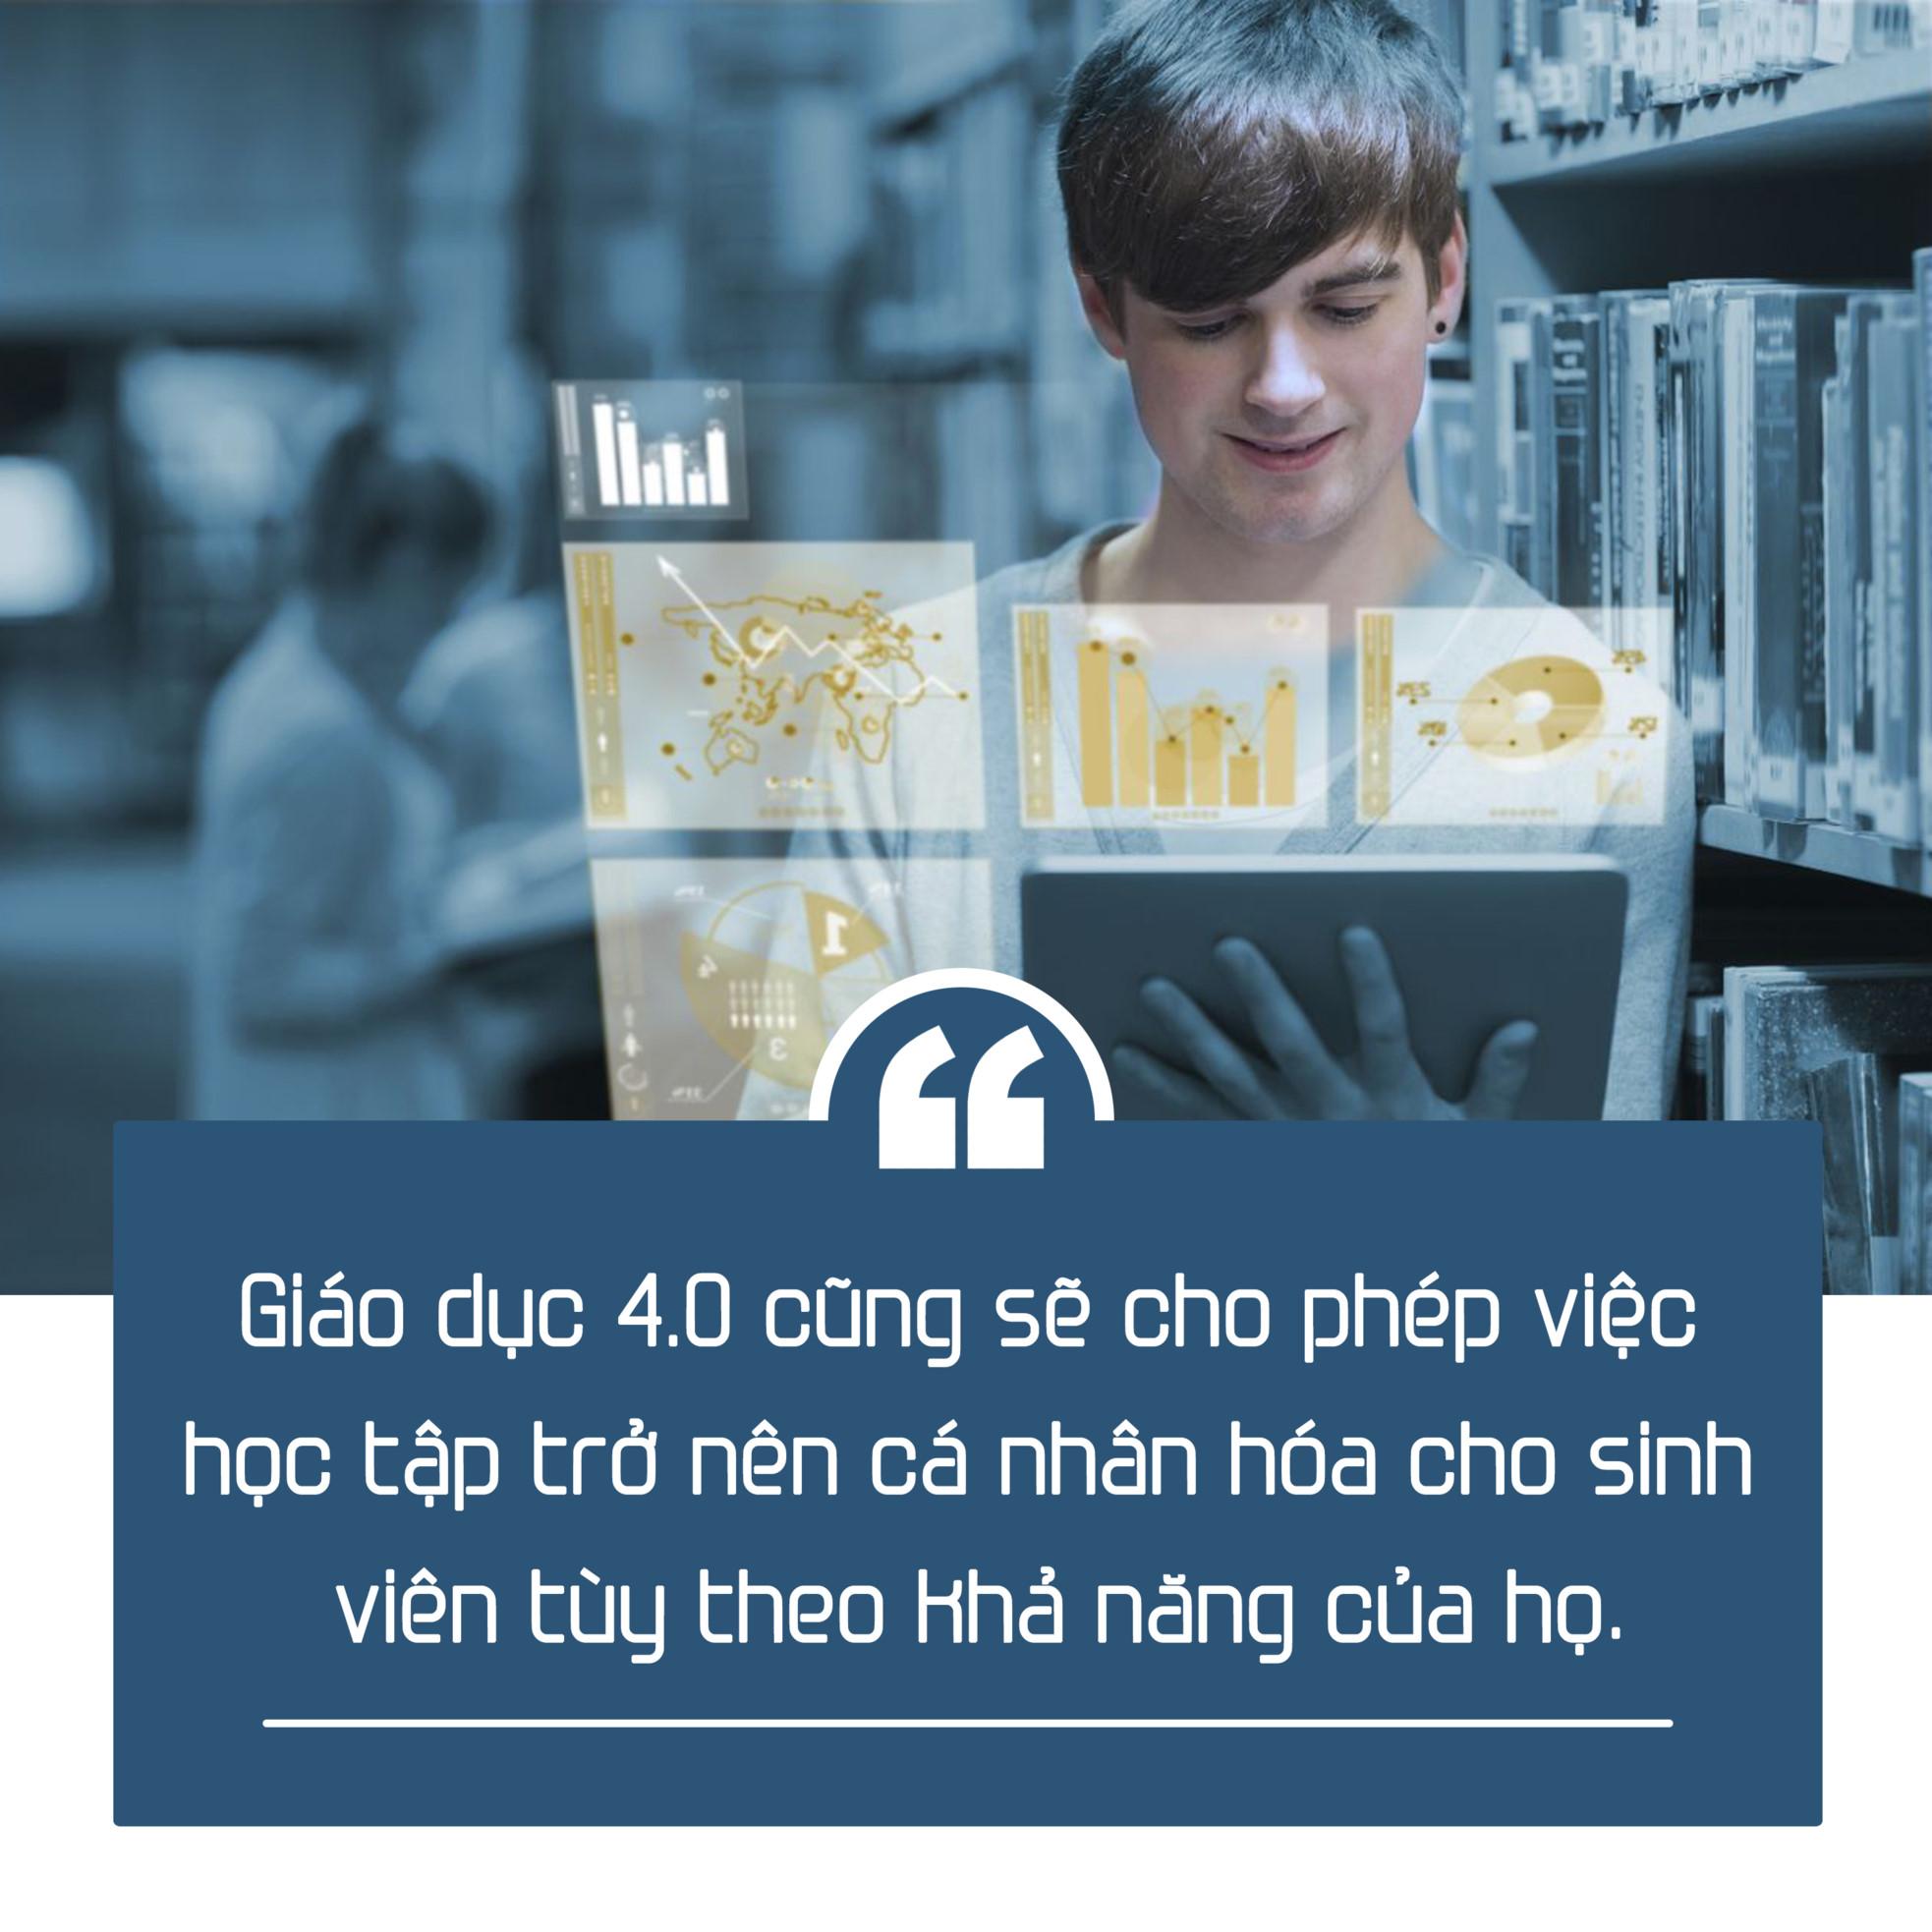 Cá nhân hoá việc học sẽ là xu thế chung của giáo dục và với công nghệ thì điều này lại vô cùng dễ dàng